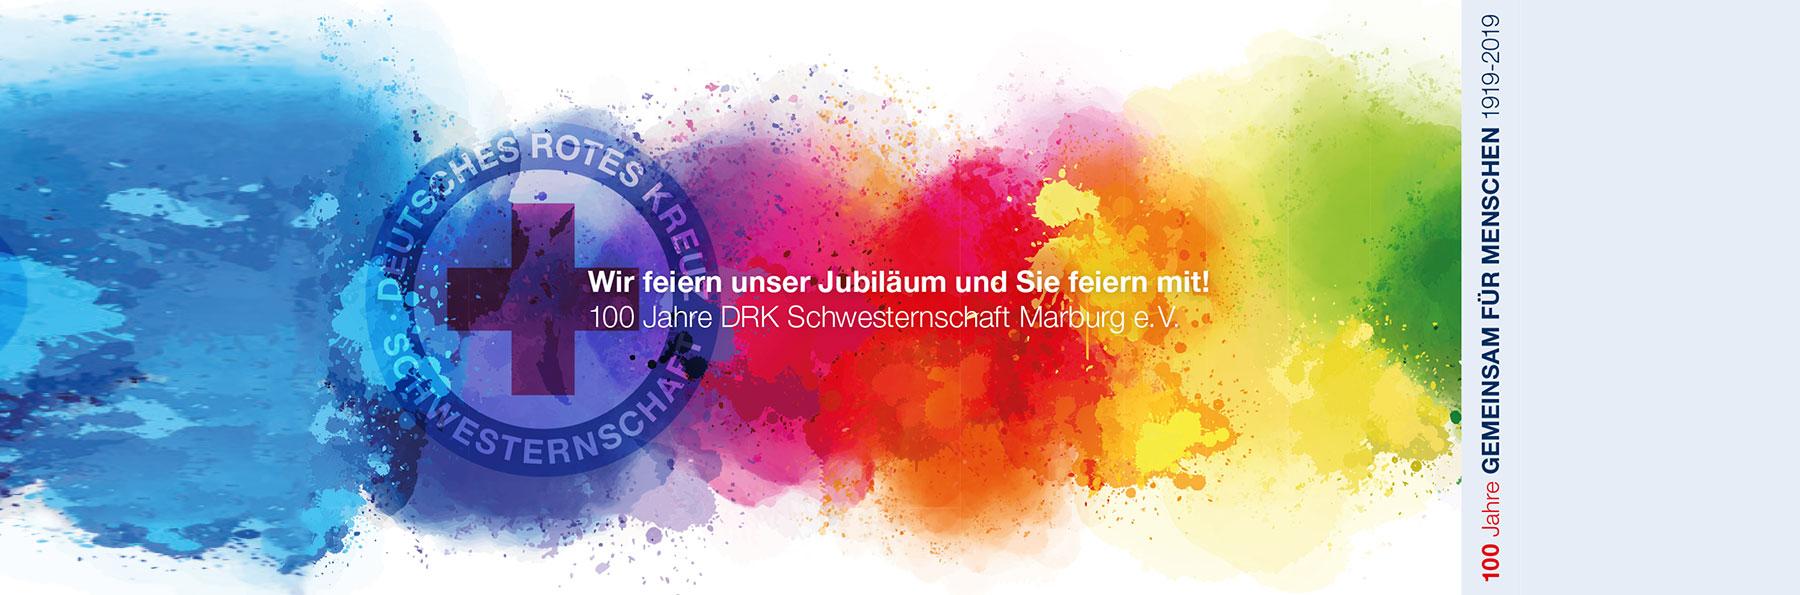 100 Jahre DRK-Schwesternschaft Marburg e.V.